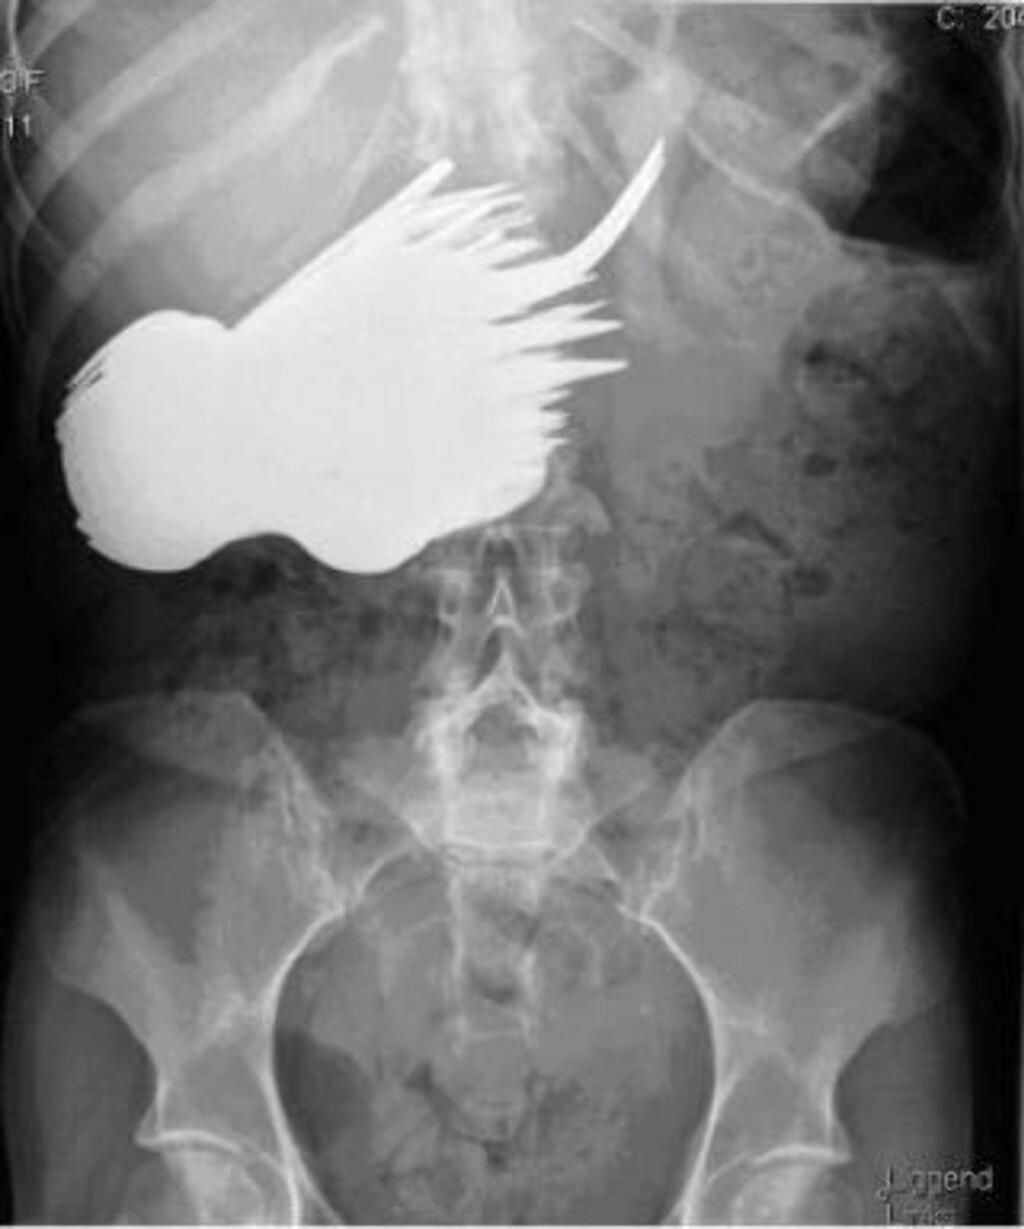 RØNTGEN: Bildet viser hvordan bestikket hadde lagt seg i en klump i magen. Foto: ALL OVER PRESS